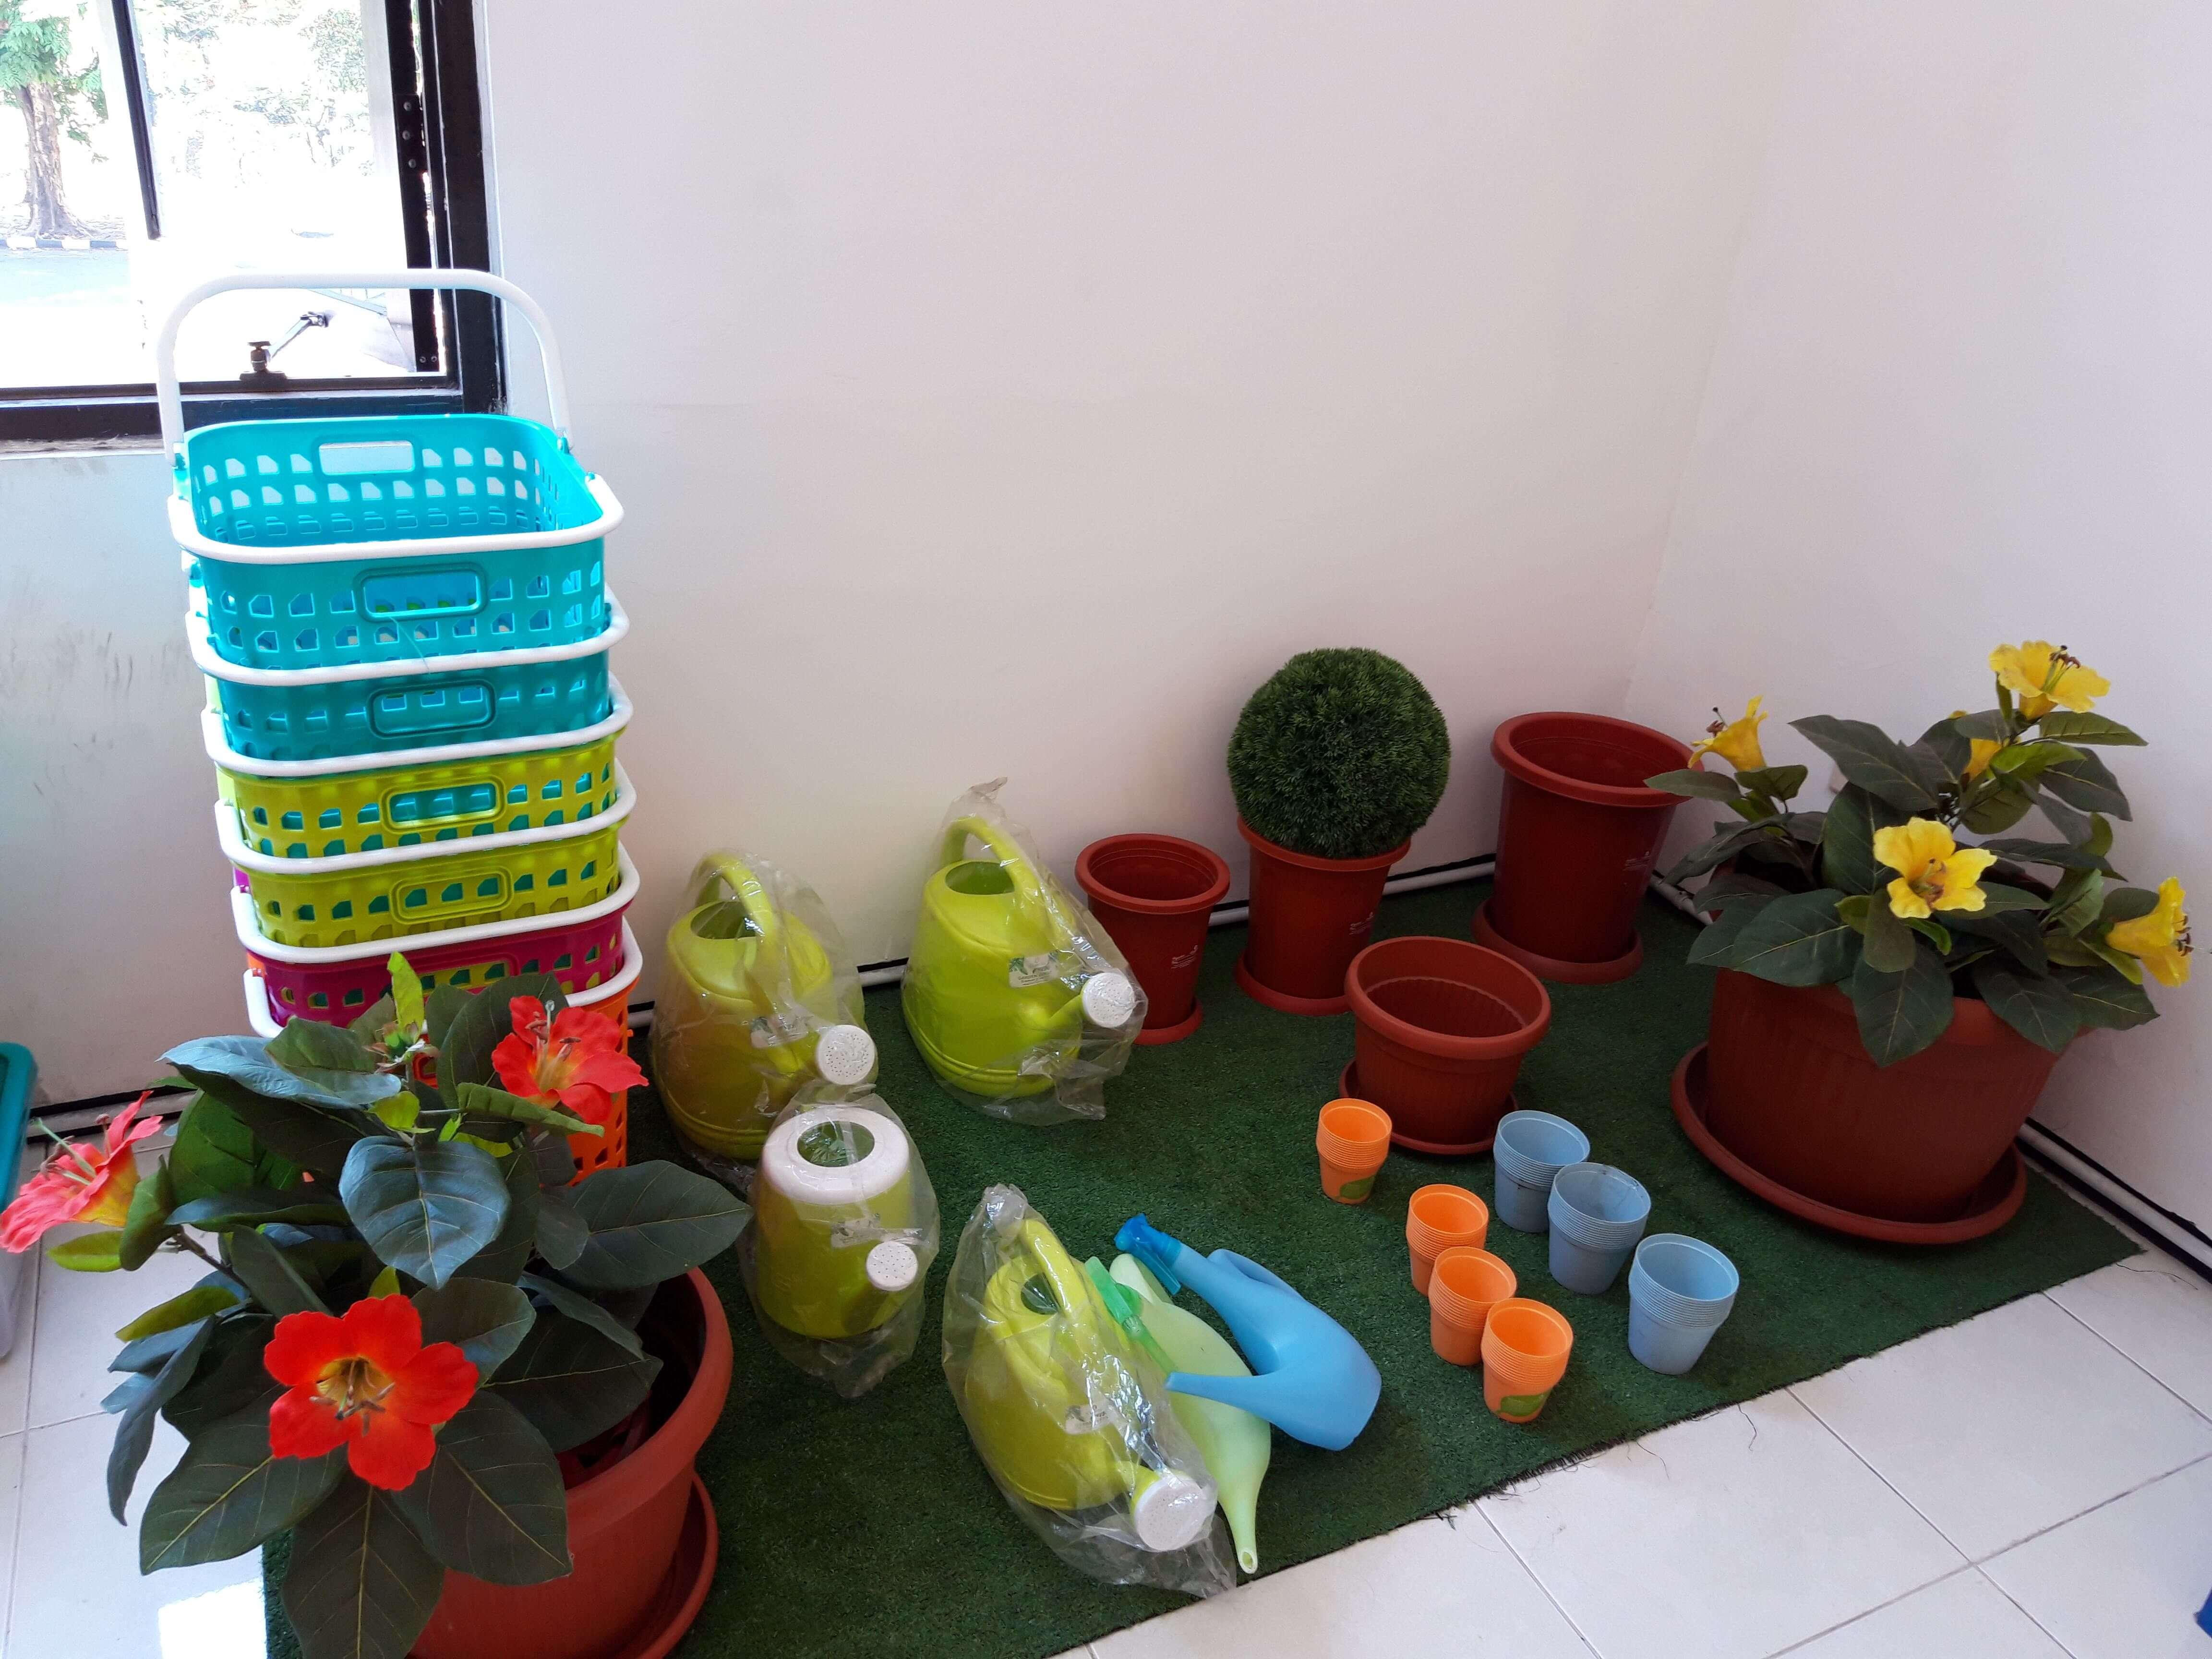 Claris Home Ware dekorasi taman